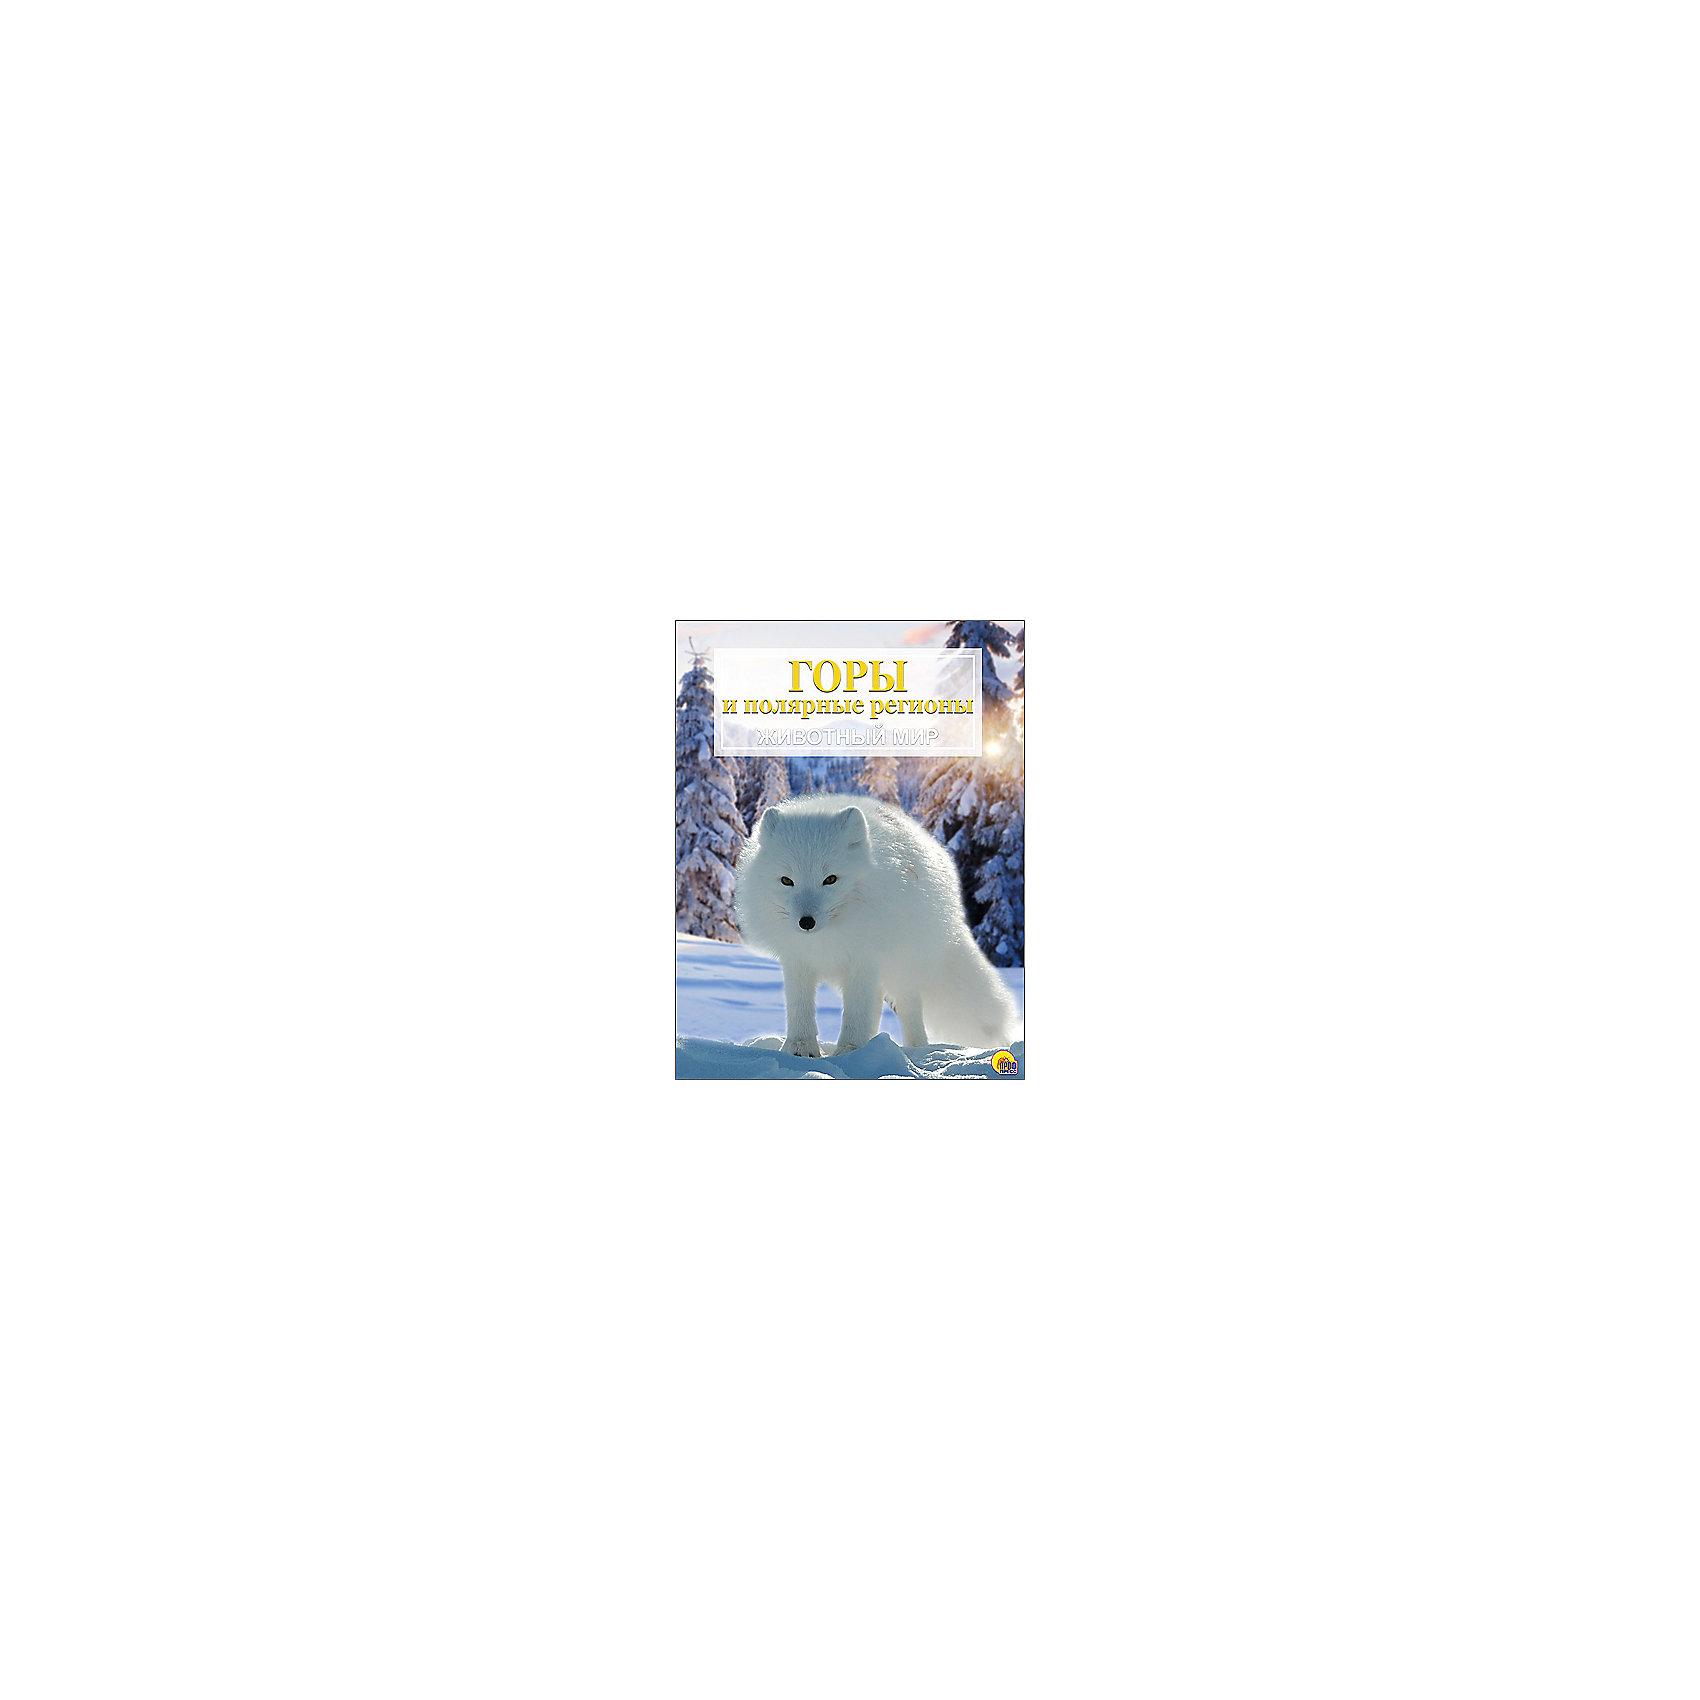 Энциклопедия Животный мир. Горы и полярные регионыДетские энциклопедии<br>С познавательной энциклопедией Животный мир. Горы и полярные регионы ребенок сможет узнать о животных, которые обитают в полярных регионах и горах. Натуралистические рисунки и карты-врезки помогут понять где обитает животное, которое заинтересовало ребенка. Для удобства изучения в книге предусмотрены алфавитный указатель, словарь, фотографии и карта климатических поясов. С этой книгой ребенку будет приятно и интересно узнавать окружающий мир!<br>Дополнительная информация:<br>Издательство: Проф-Пресс<br>Год выпуска: 2016<br>Обложка: твердый переплет<br>Иллюстрации: цветные<br>Количество страниц: 48<br>ISBN:978-5-378-21976-6<br>Размер: 16,5х1х23,5 см<br>Вес: 508 грамм<br>Энциклопедию Животный мир. Горы и полярные регионы вы можете купить в нашем интернет-магазине.<br><br>Ширина мм: 235<br>Глубина мм: 10<br>Высота мм: 165<br>Вес г: 508<br>Возраст от месяцев: 72<br>Возраст до месяцев: 36<br>Пол: Унисекс<br>Возраст: Детский<br>SKU: 4905932